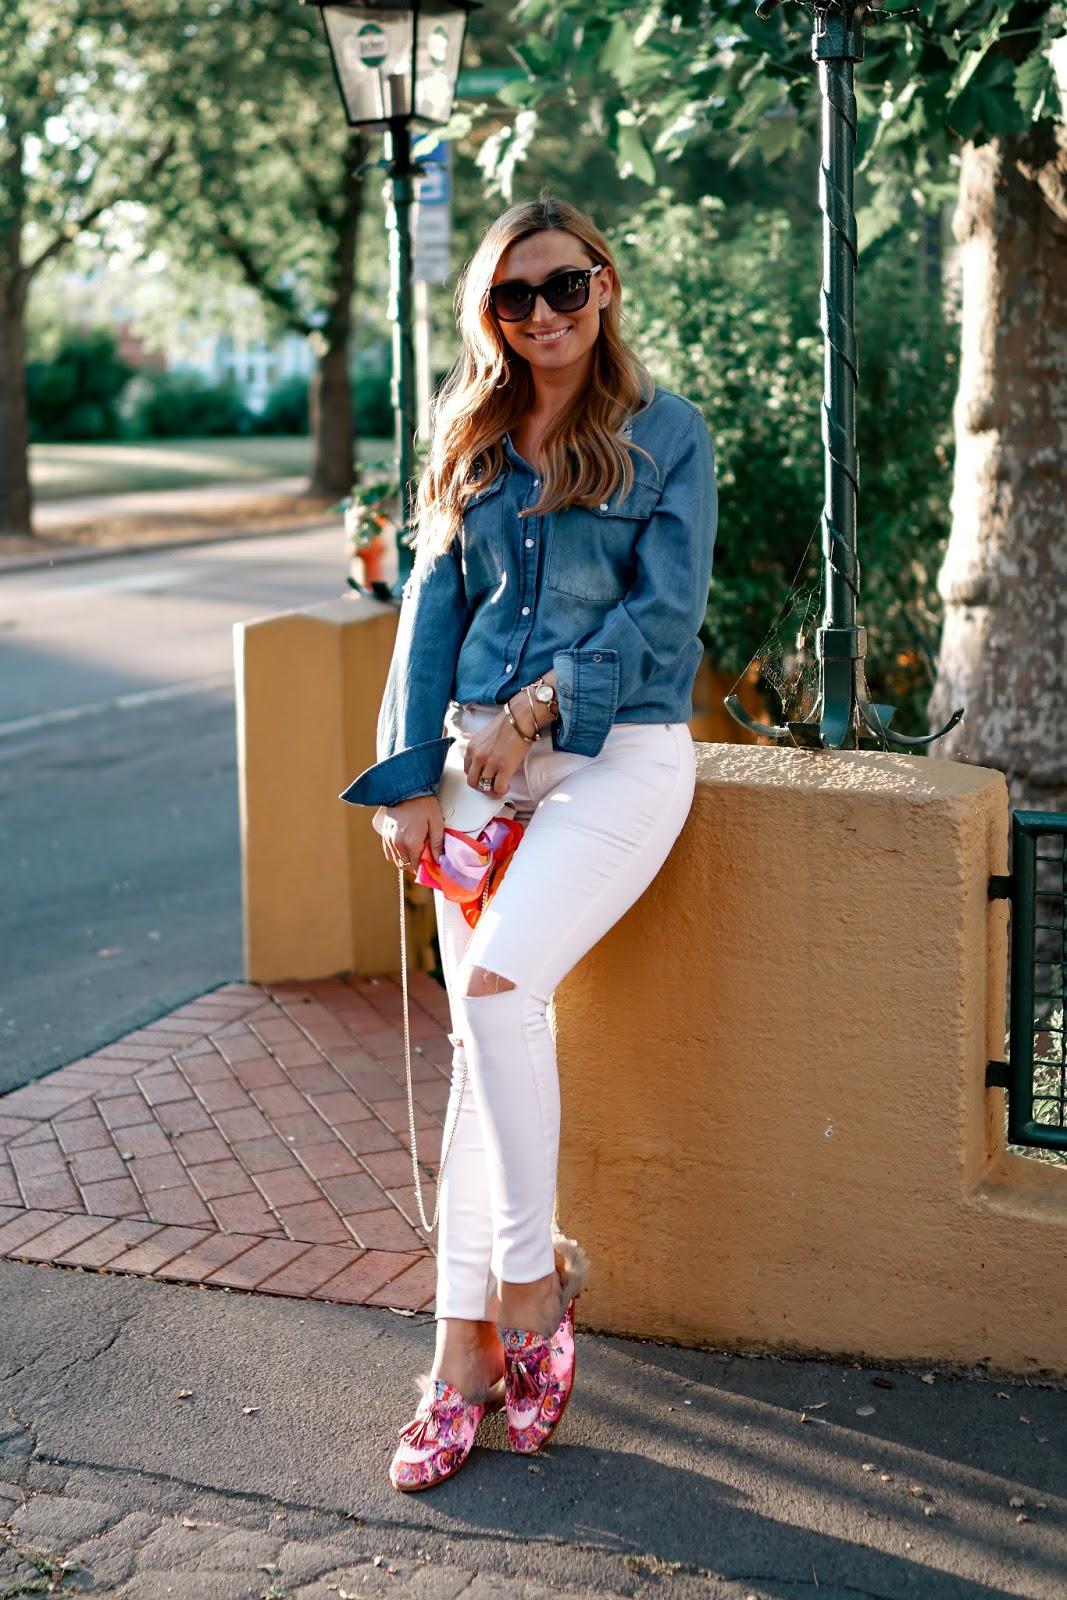 weiße-furla-tasche-kombinieren-Outfitinspiration-Herbst-Look-Jeansbluse-weiße-jeans-pantoletten-melvin-Hamiltion-fashionstylebyjoahanna-fashionblogger-aus-deutschland.jpg